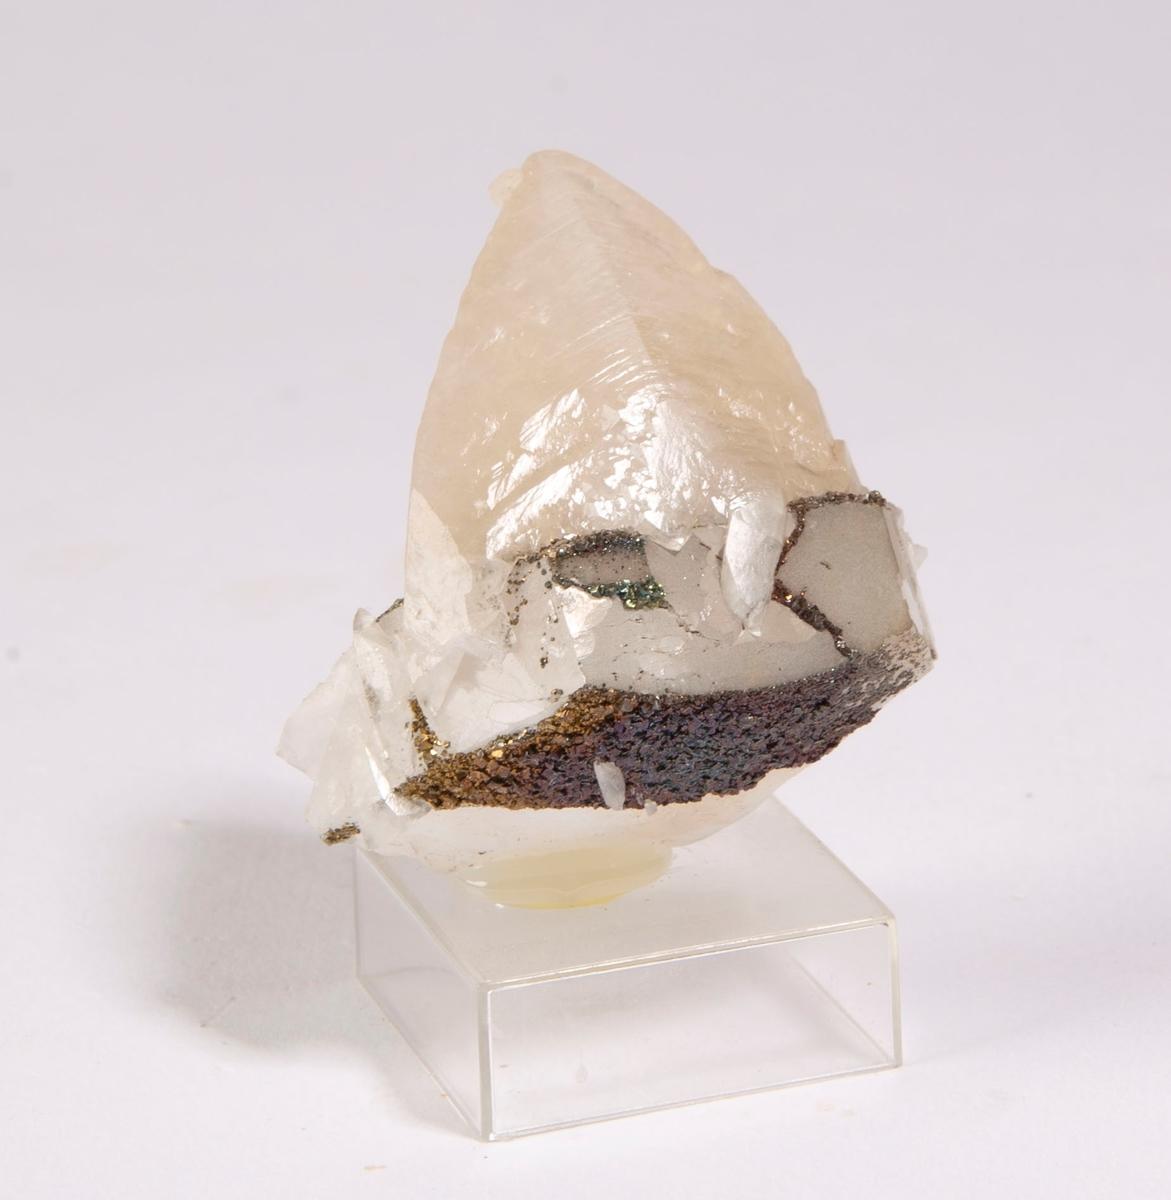 """""""Dog-tooth"""" krystall av kalsitt (3 cm lang) som påvekst på fragment av diskosformet krystall av kalsitt. Den tidligste generasjonen av kalsitt ble overvokst av pyritt før veksten av den seneste generasjonen av kalsitt. Mildigkeit Gottes gruve, 84 m."""